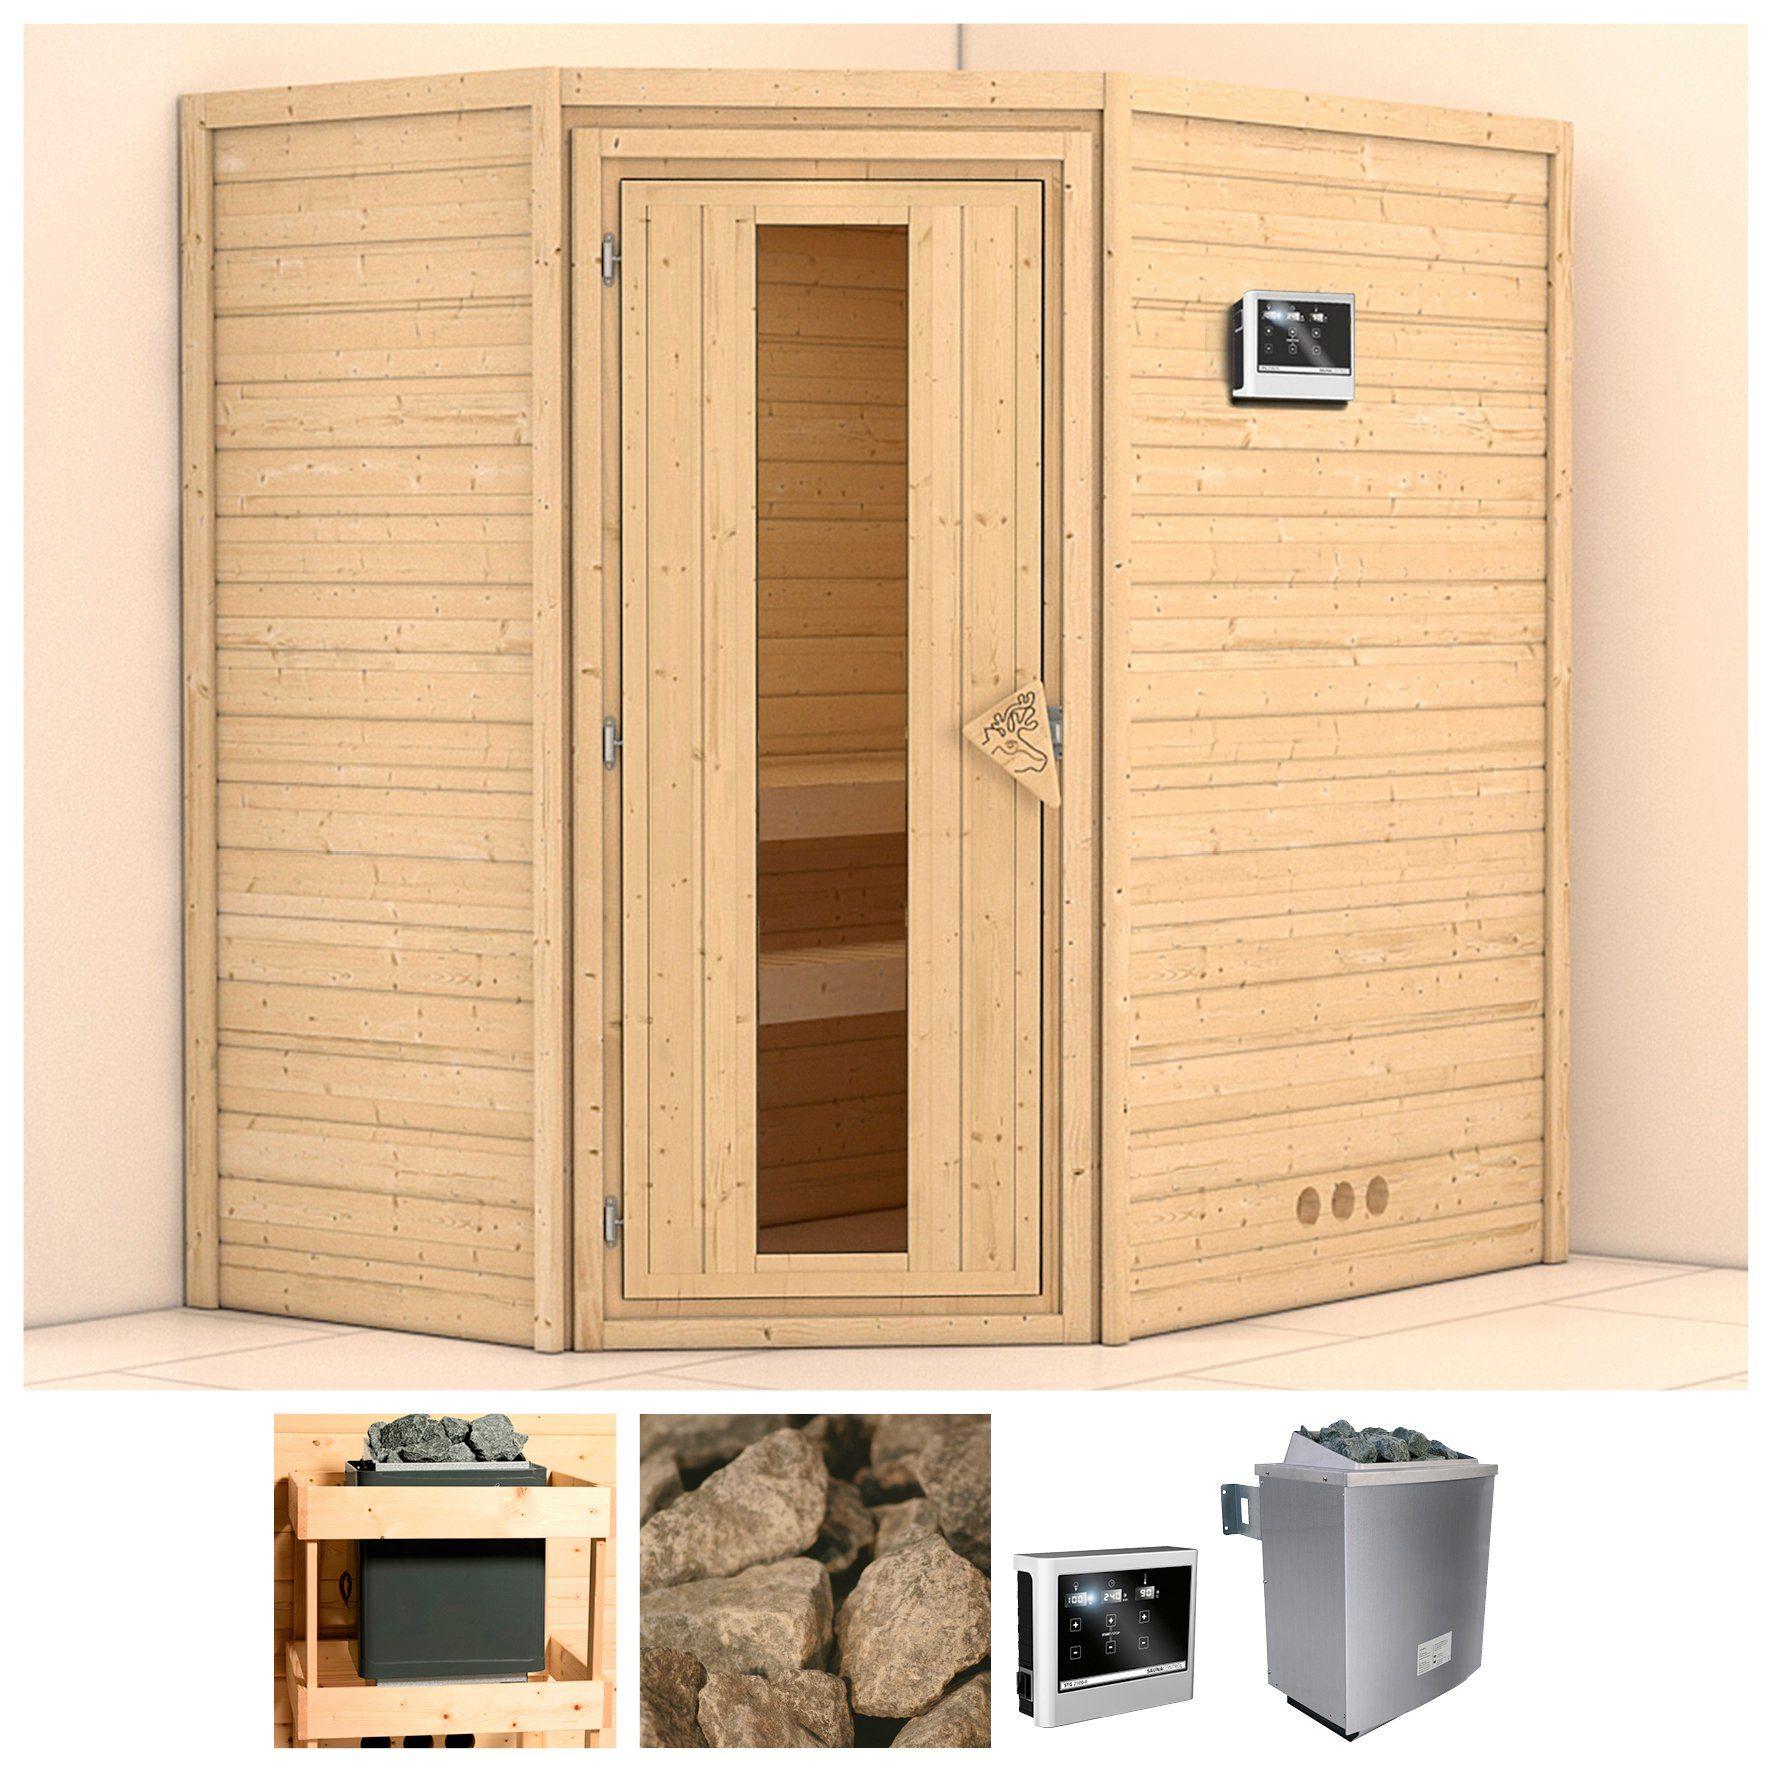 KONIFERA Sauna »Svea«, 196/146/200 cm, 9-kW-Ofen mit ext. Steuerung, Holztür